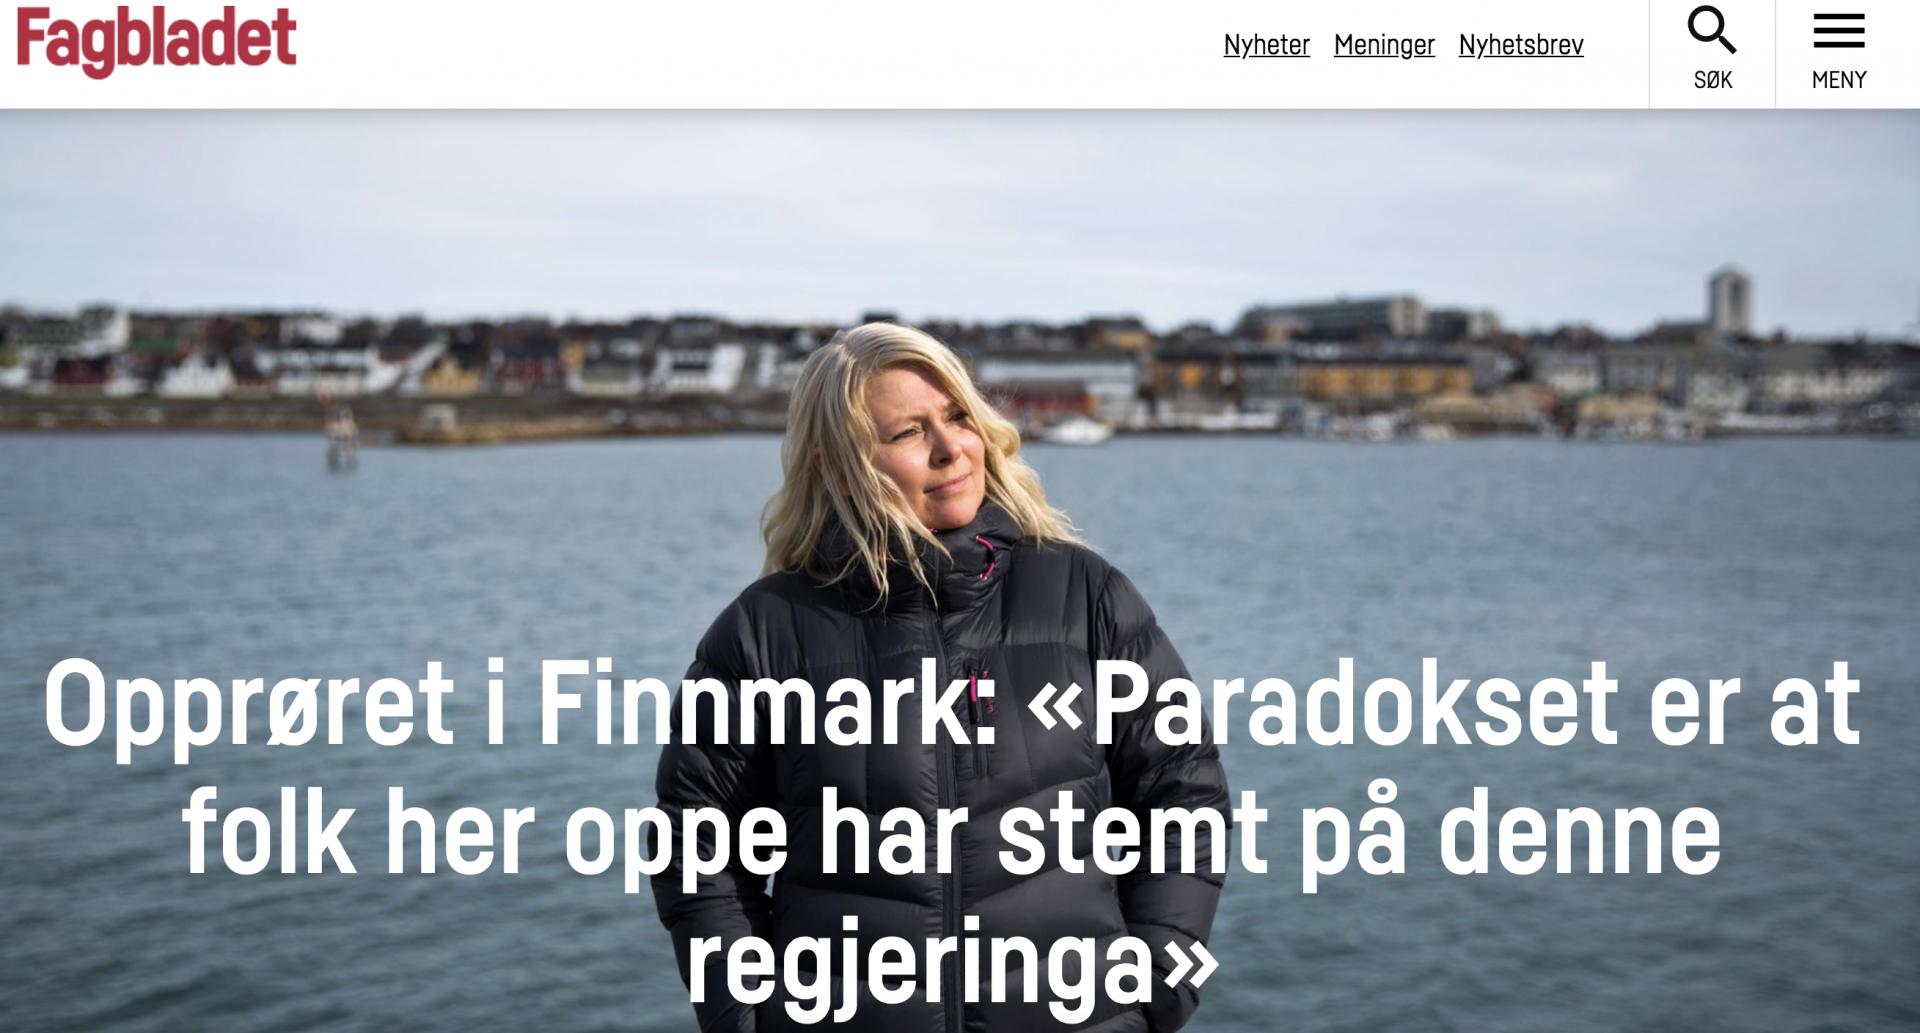 Fagbladet: Opprøret i Finnmark